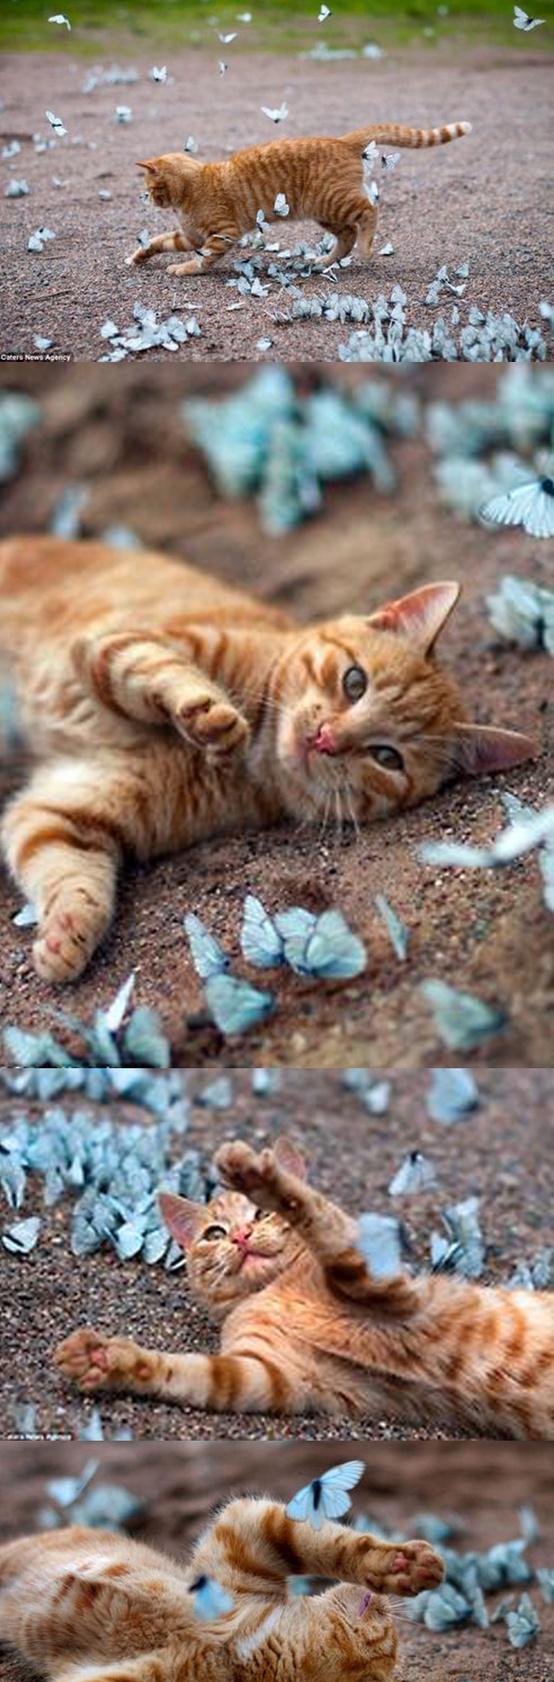 cat loves butterflies